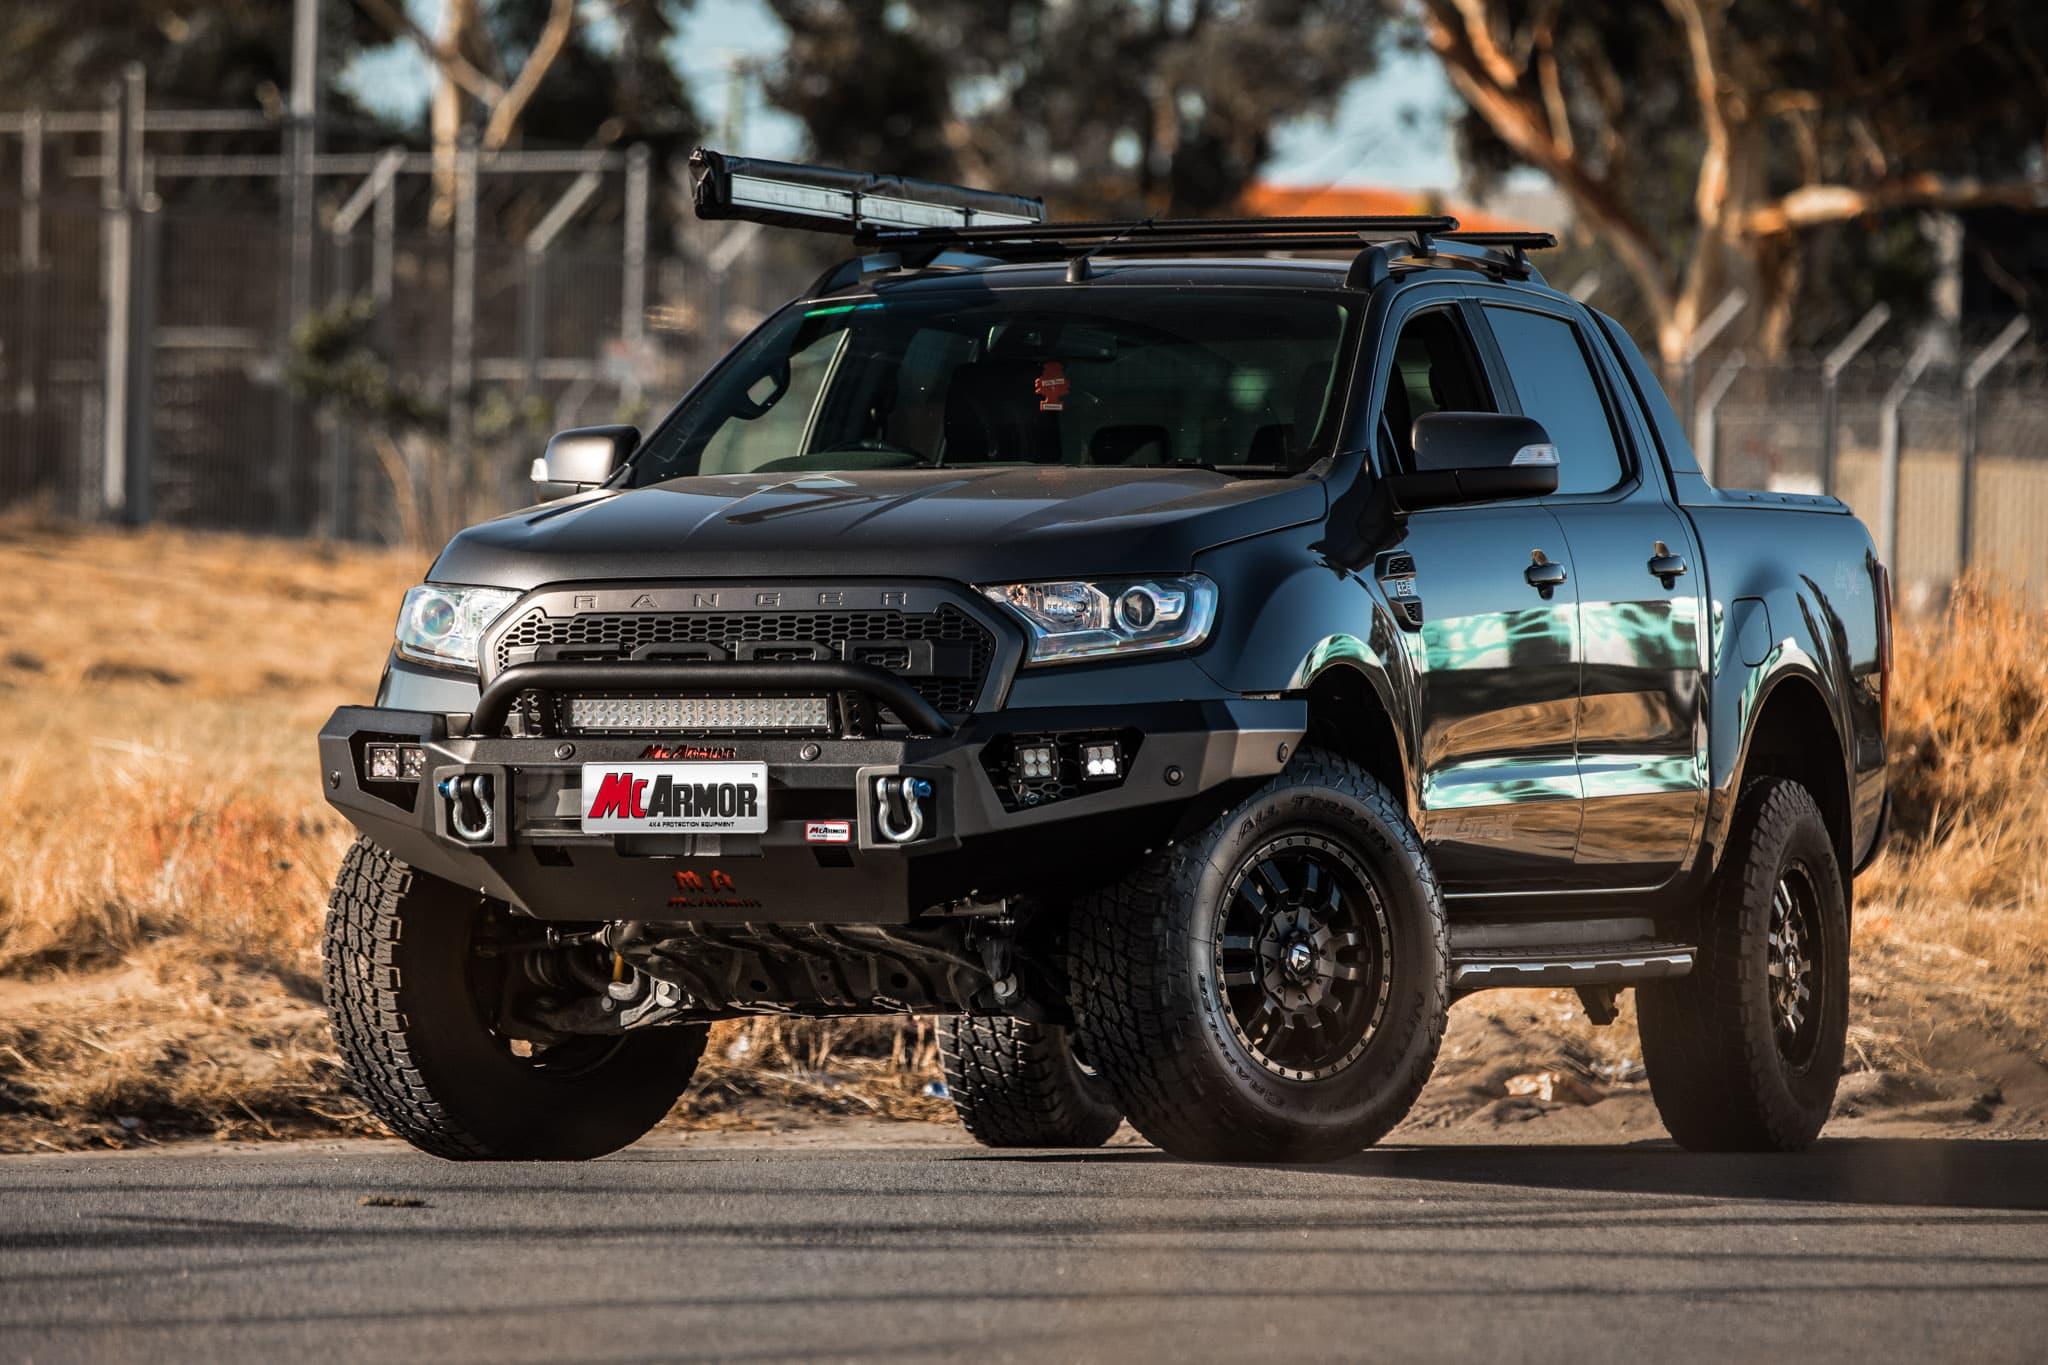 Ranger McArmor Hercules